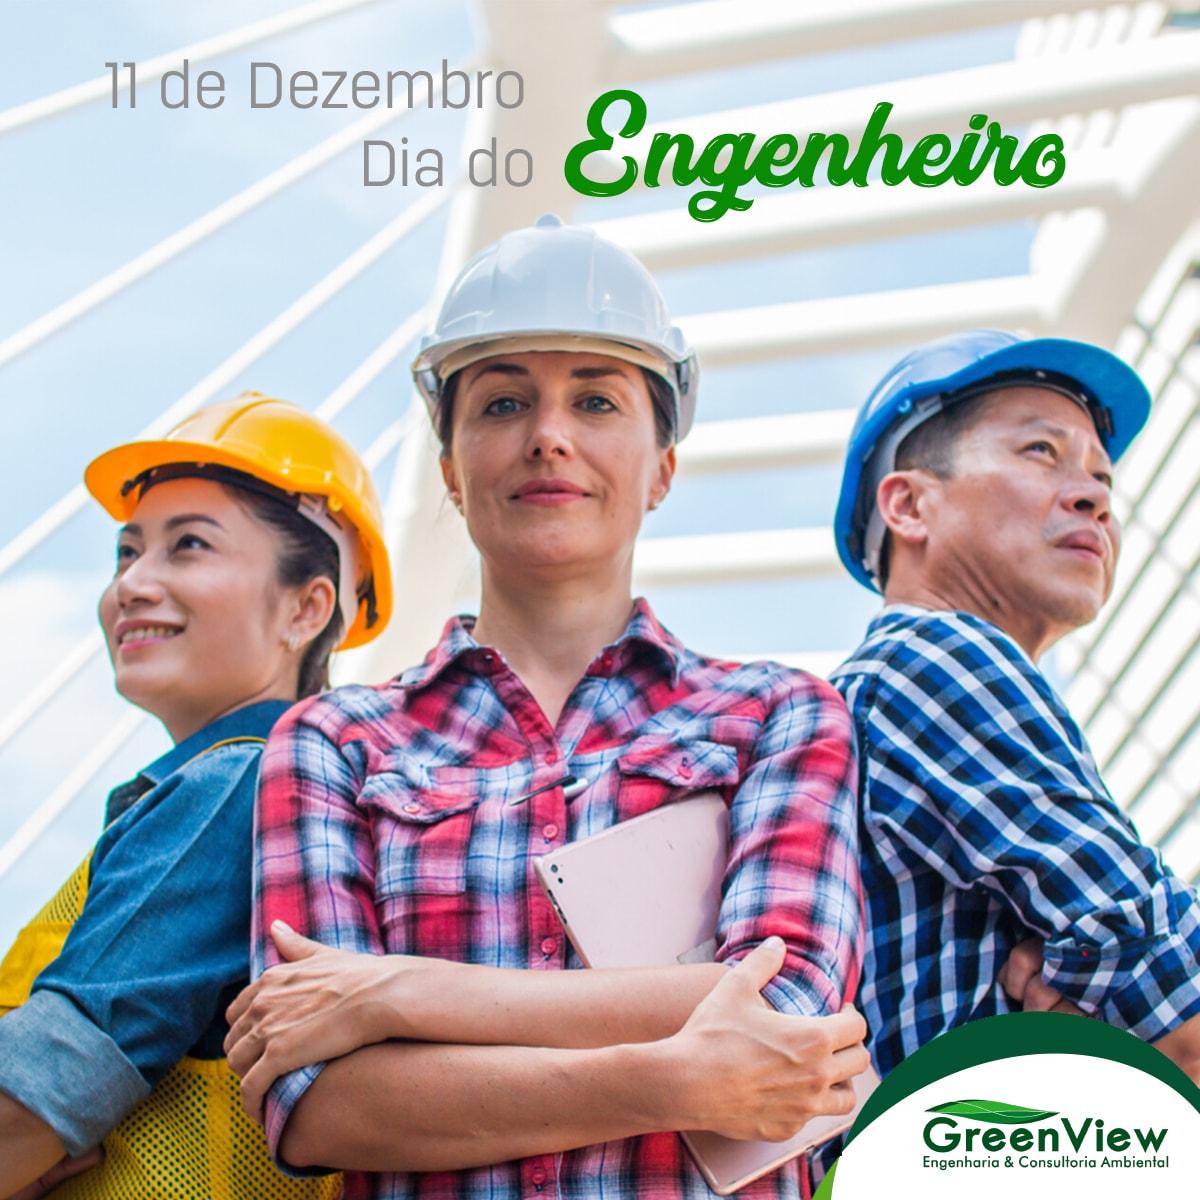 licenciamento ambiental greenview em sp